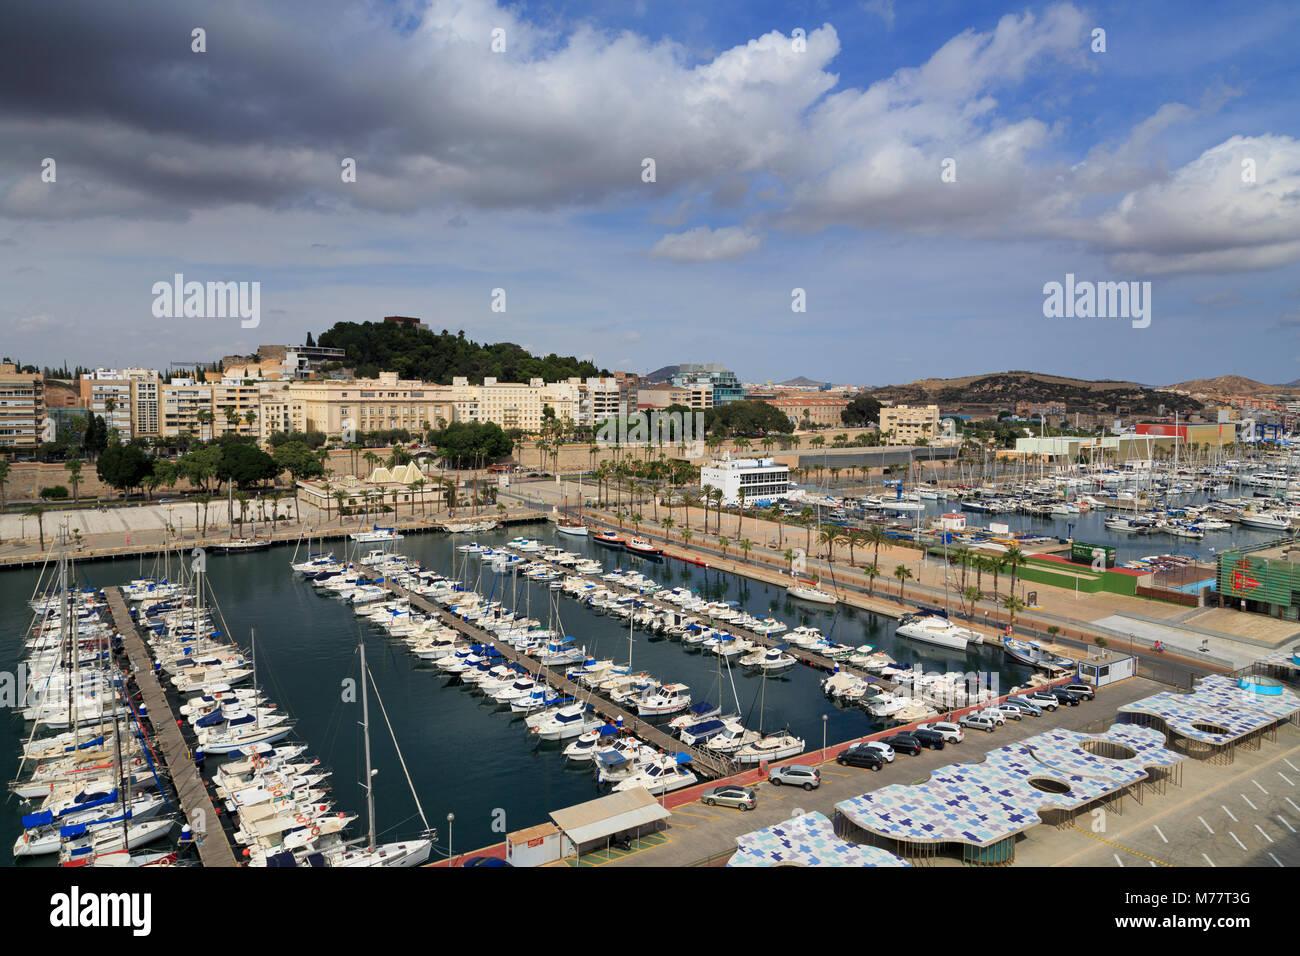 Marina de yates, Cartagena, Murcia, España, Europa Imagen De Stock